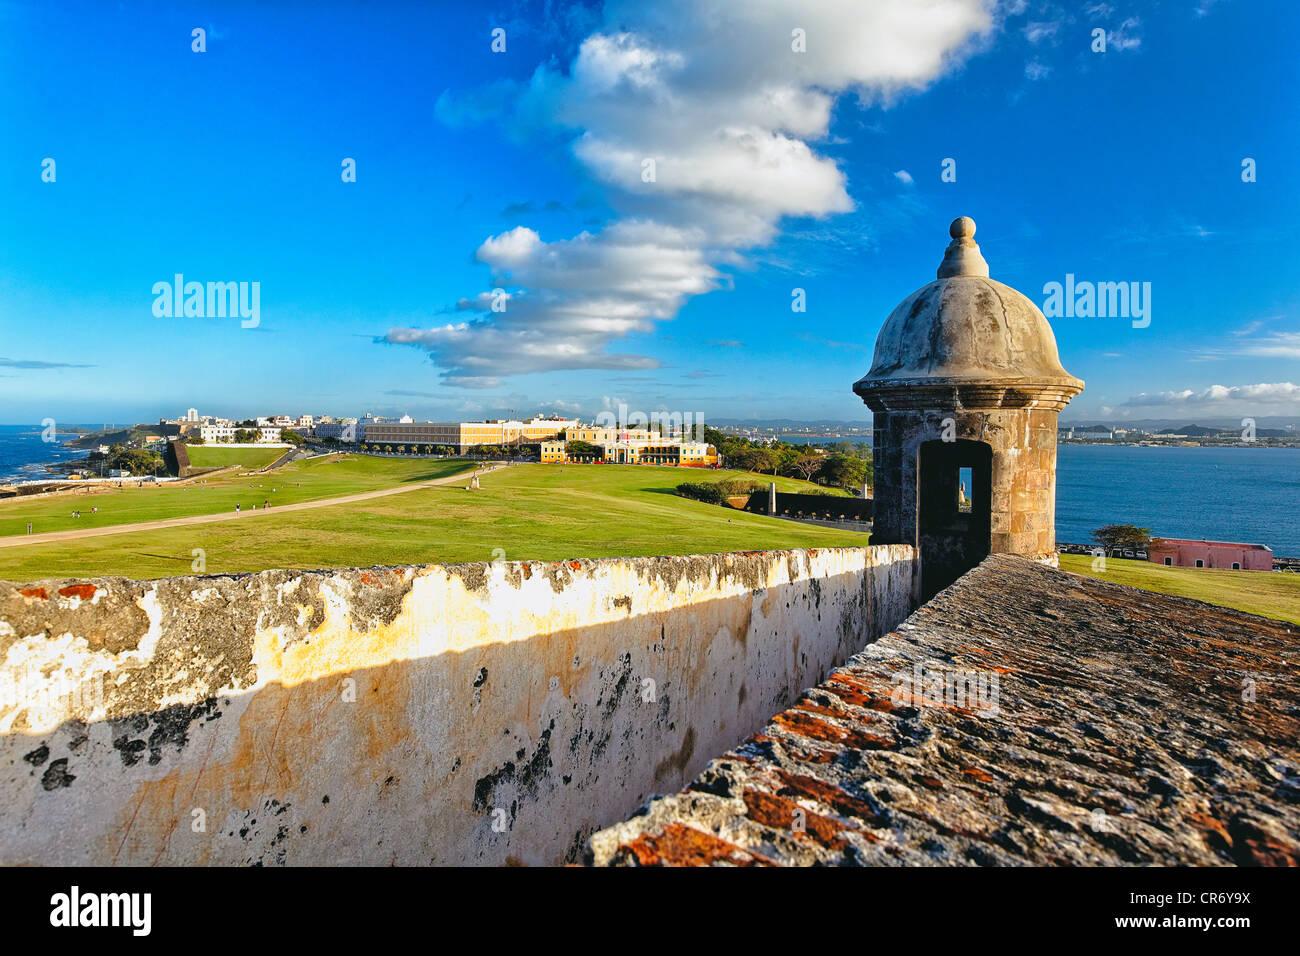 Un alto ángulo de vista del Viejo San Juan desde la fortaleza de El Morro, Puerto Rico Imagen De Stock